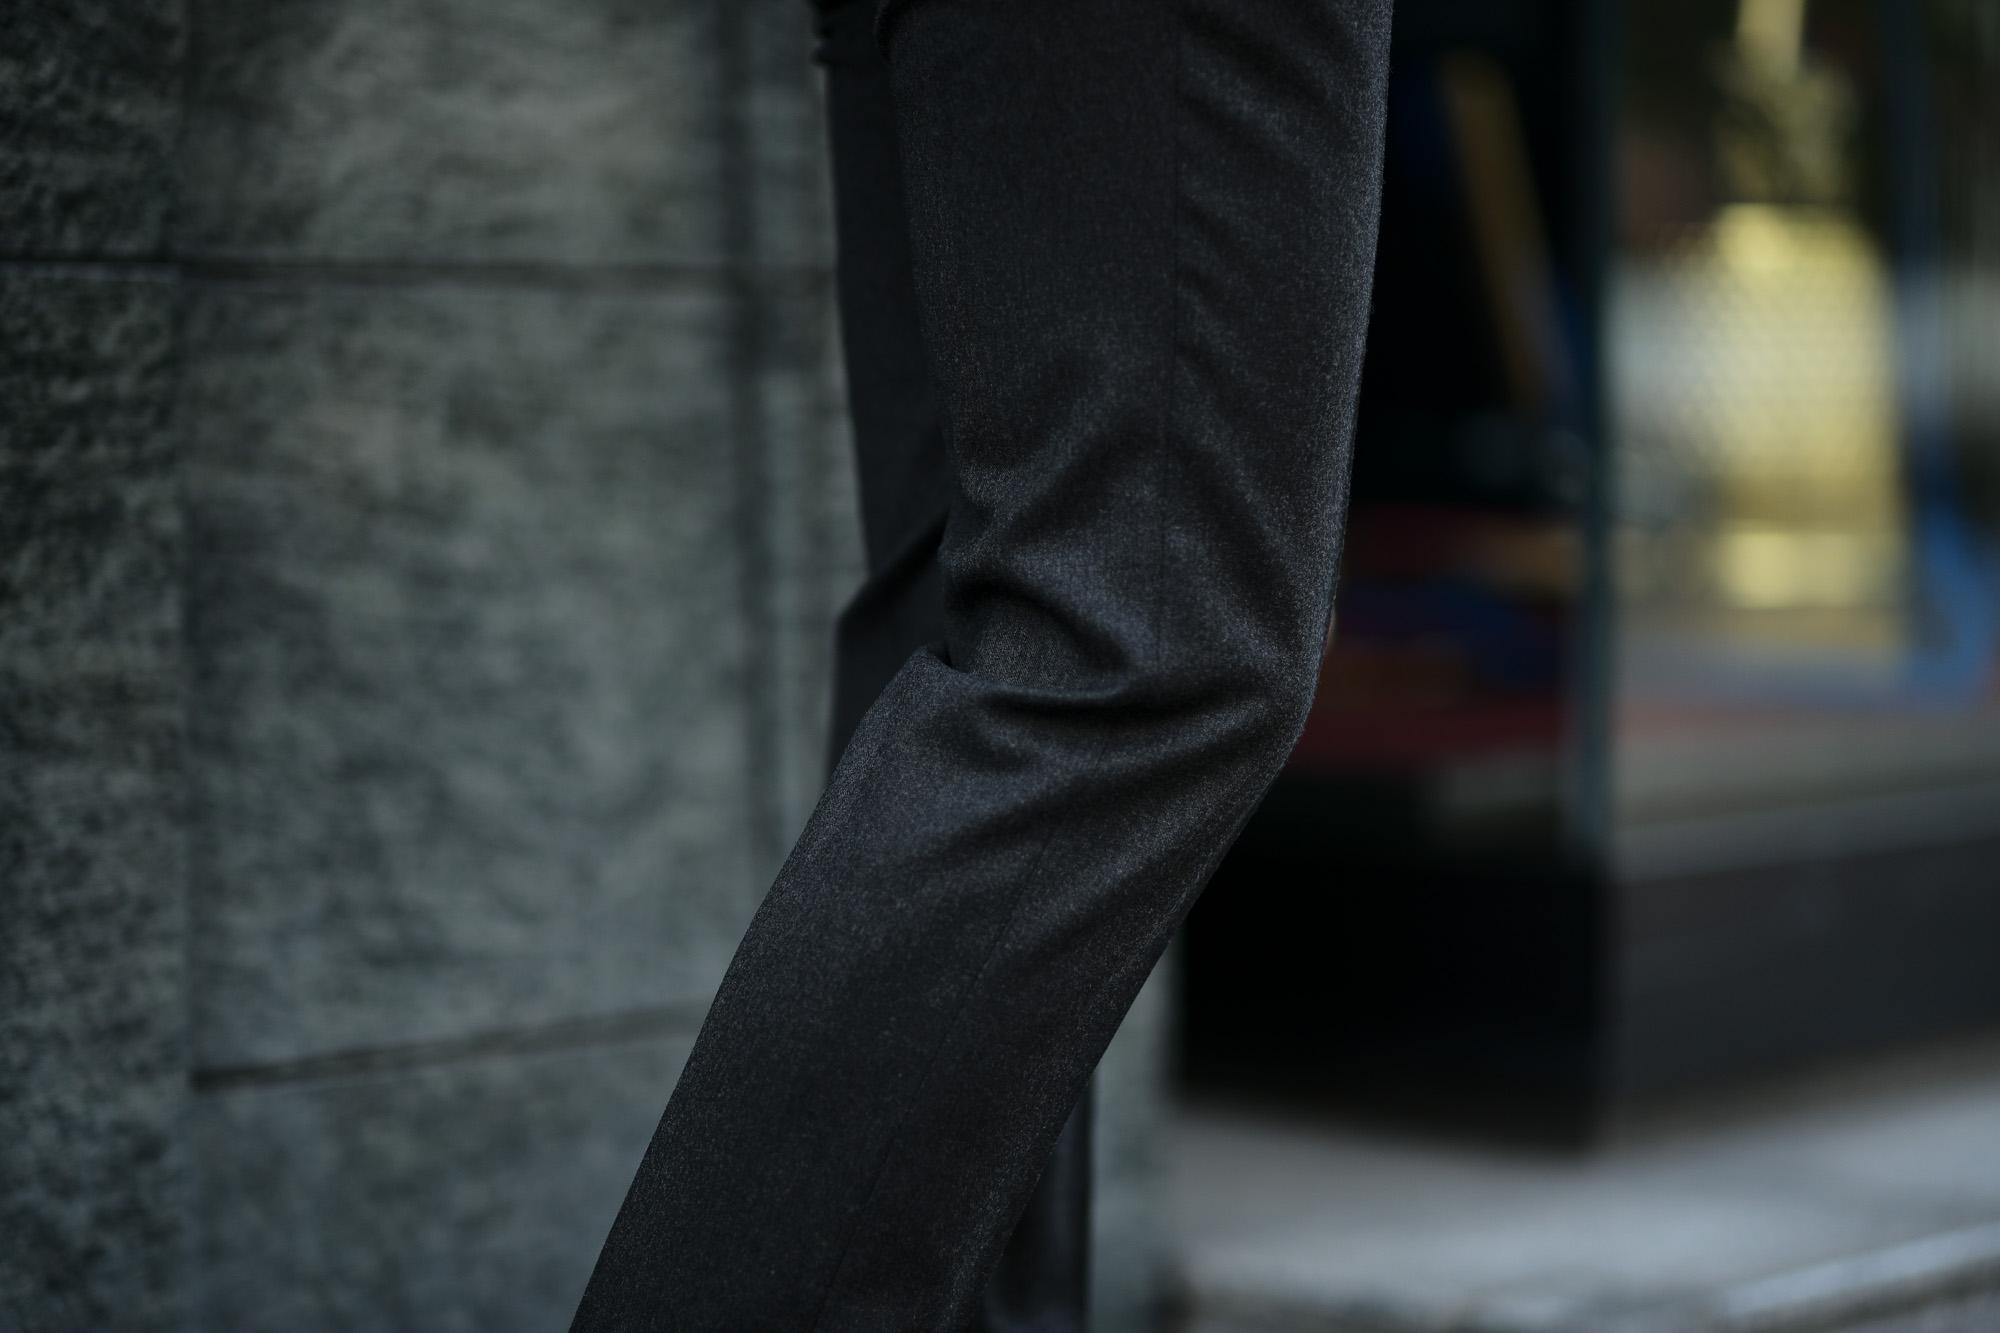 INCOTEX (インコテックス) N35 SLIM FIT (1NT035) TECHNO FLANNEL URBAN TRAVELLER (テクノ フランネル アーバン トラベラー) ストレッチ ウォッシャブル フランネル ウール スラックス CHACOAL GRAY (チャコールグレー・930) 2019 秋冬新作 alto e diritto アルトエデリット 愛知 名古屋 グレスラ ブラックスラックス